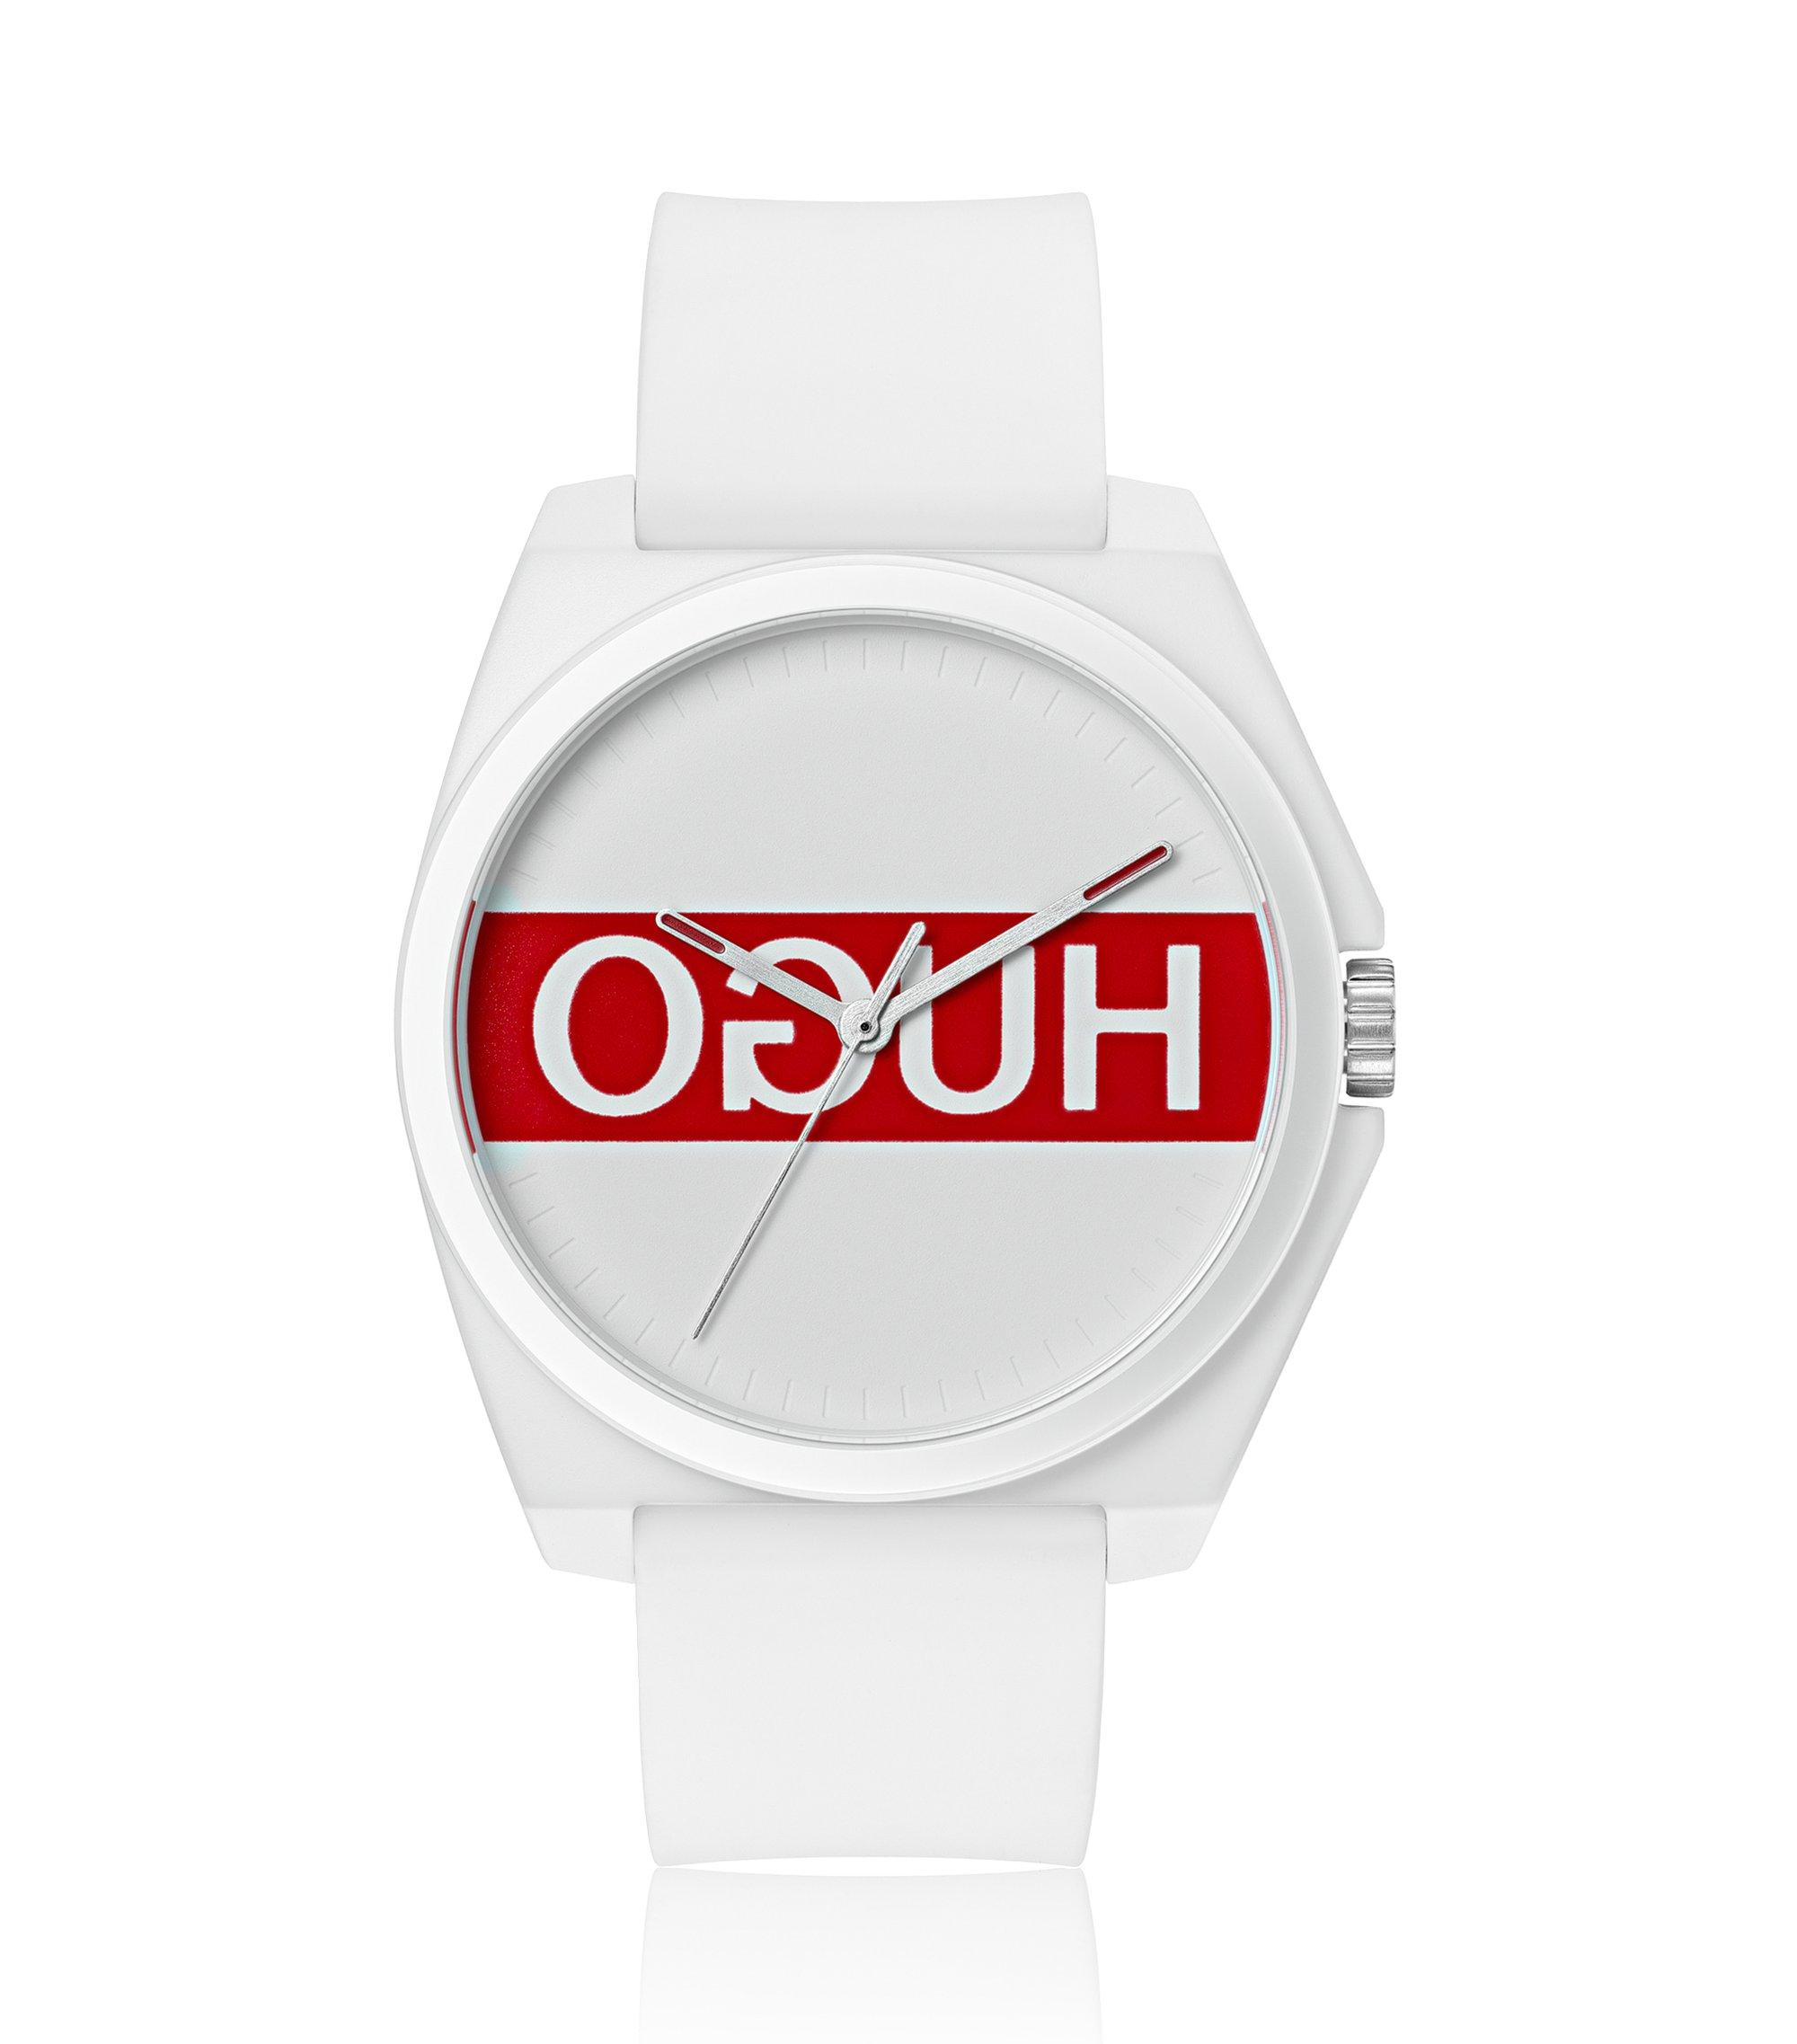 Unisex-Uhr mit Silikon-Armband und Reversed-Logo, Weiß